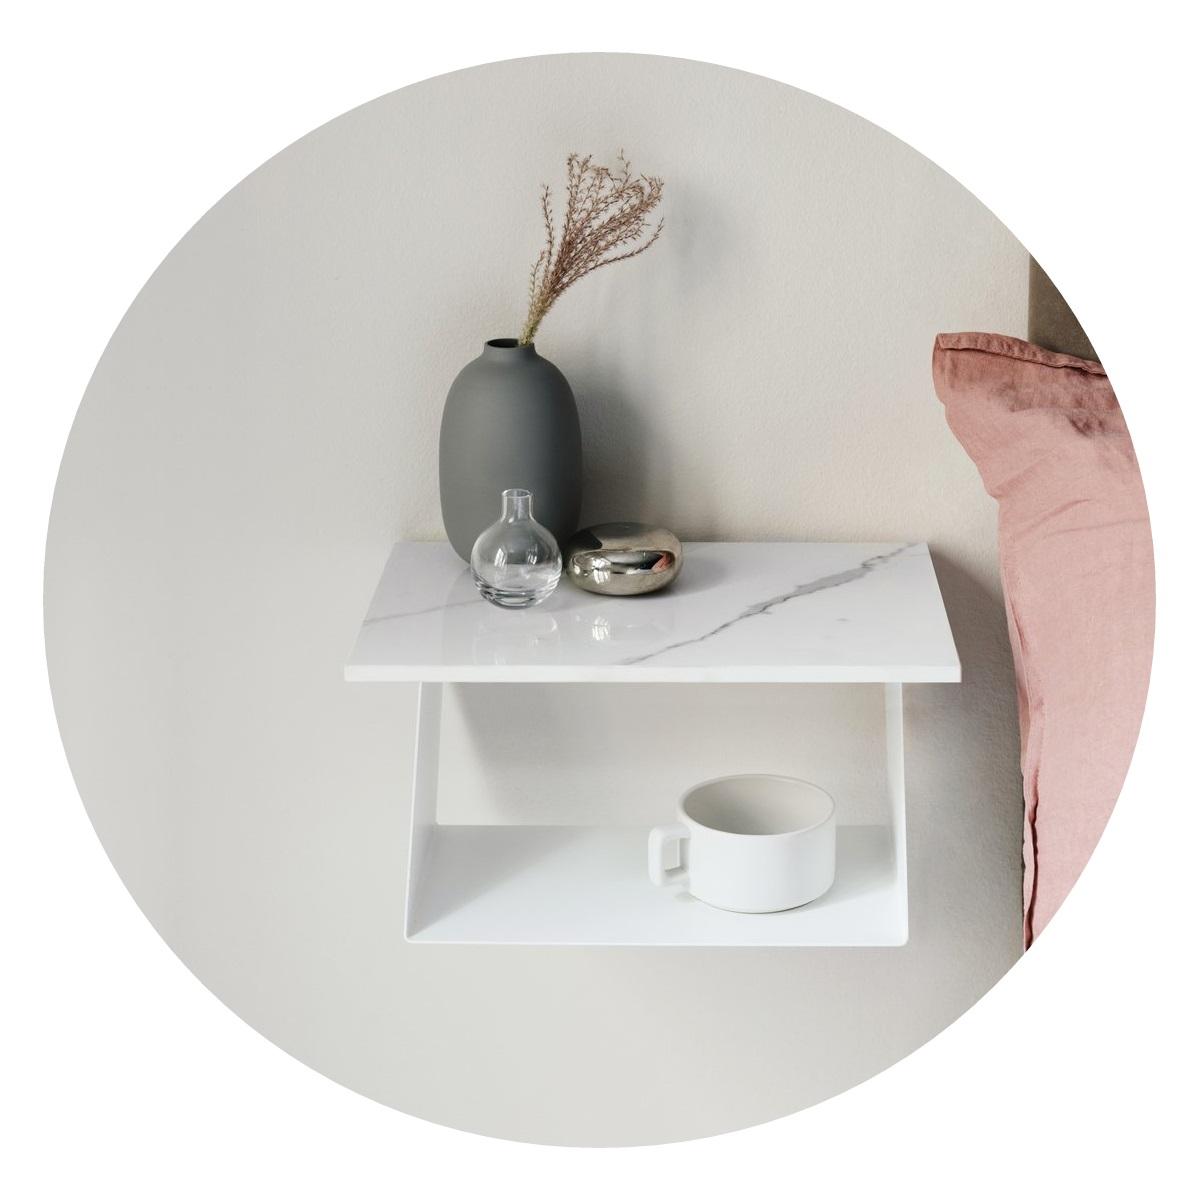 Vägghängt Sängbord Edgy vit / marmor, Maze